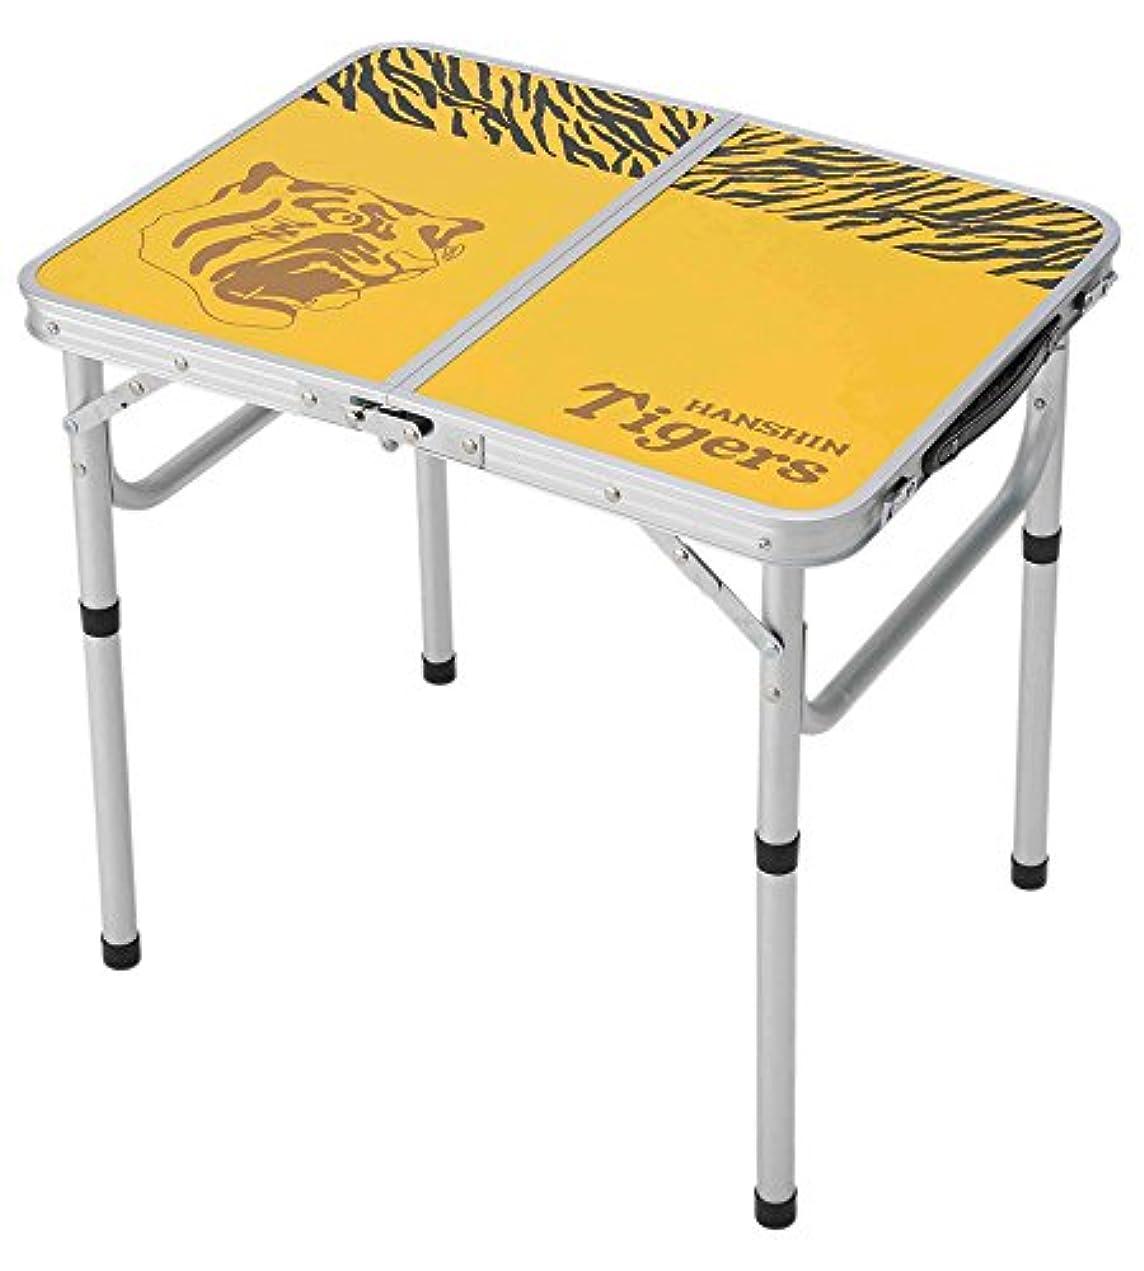 変換するめったにかんたんLEZAX(レザックス) 阪神タイガース アルミ フォールディングテーブル HTTB-8758